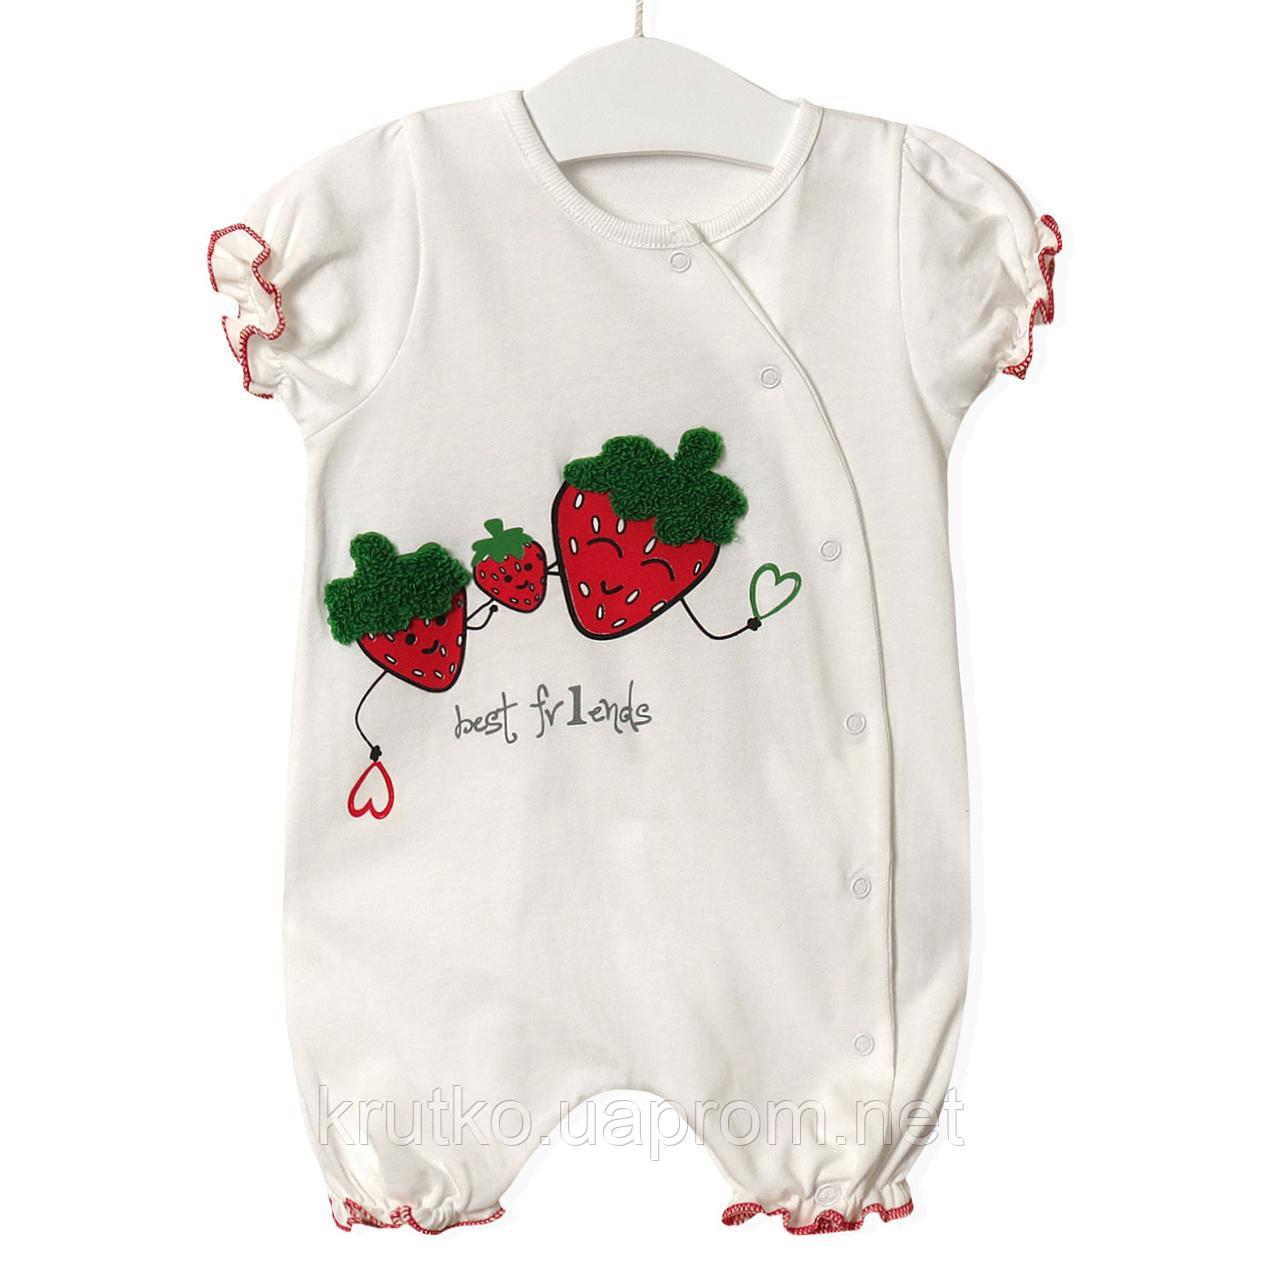 Пісочник для дівчинки Червоні полунички Twetoon (3 міс)